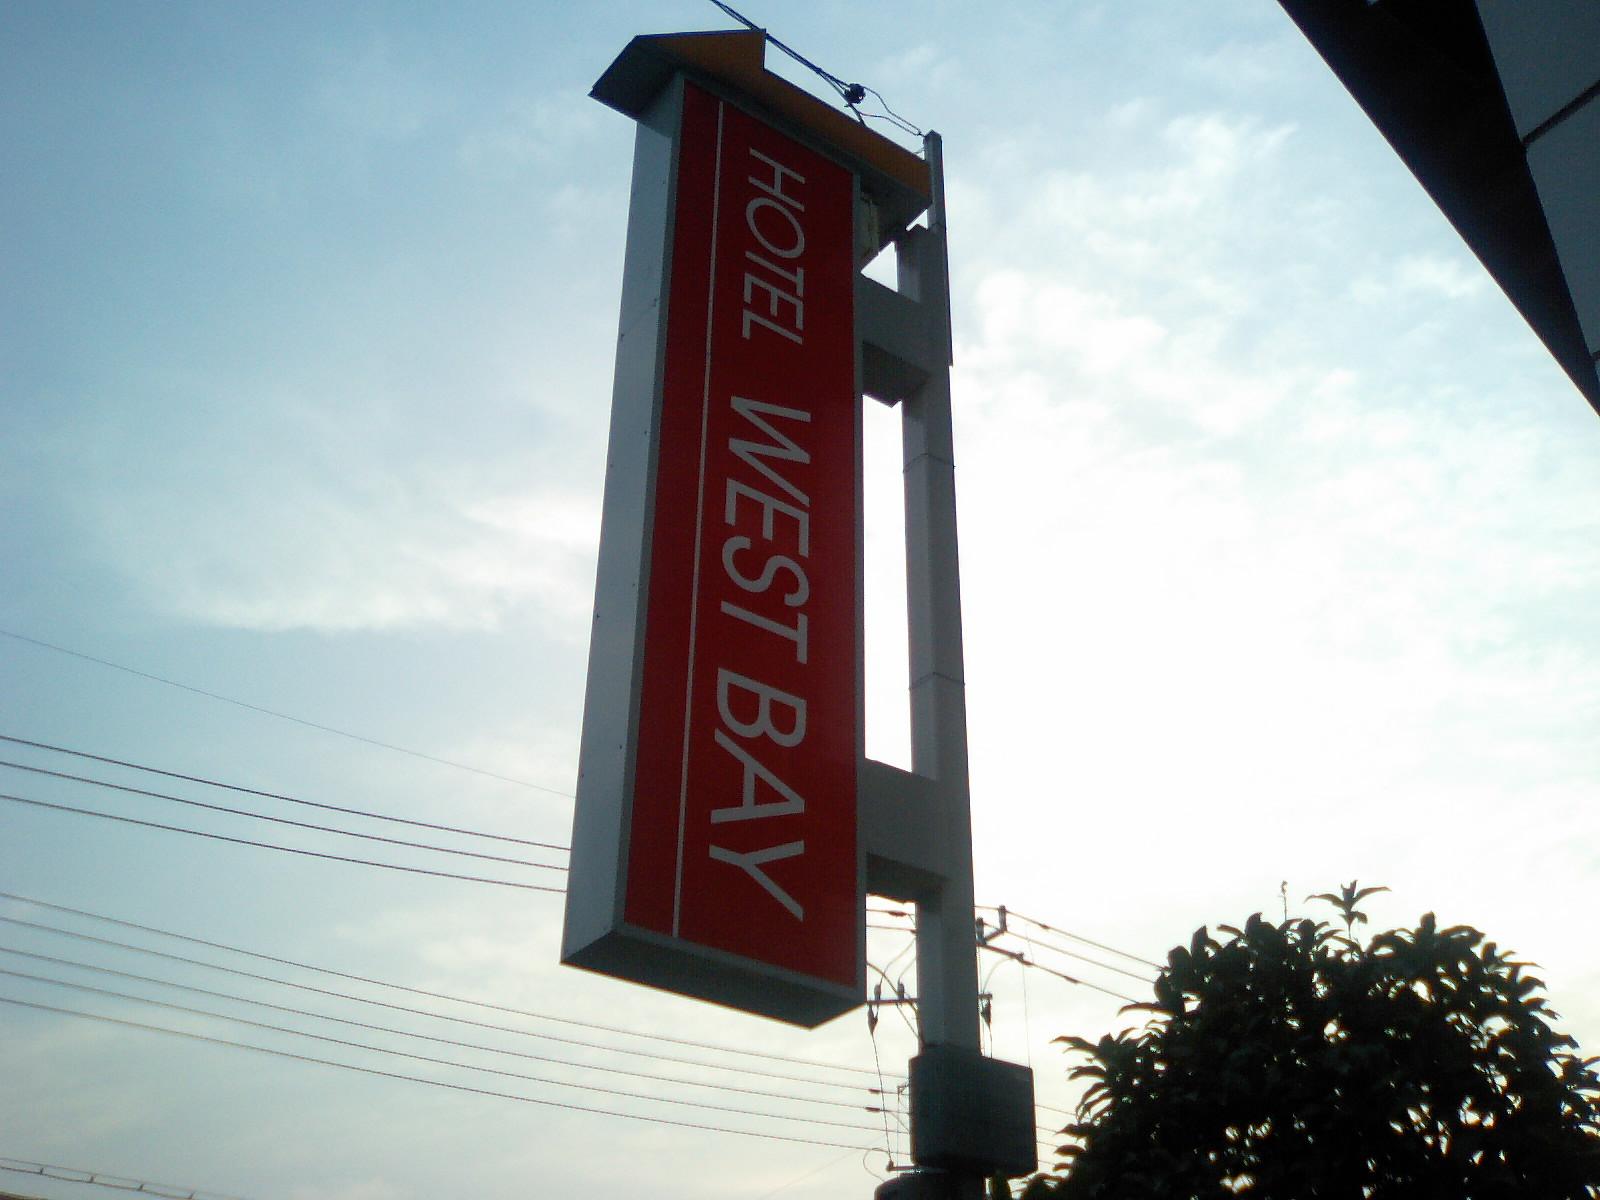 埼玉には「浦和」と名前のつくJR